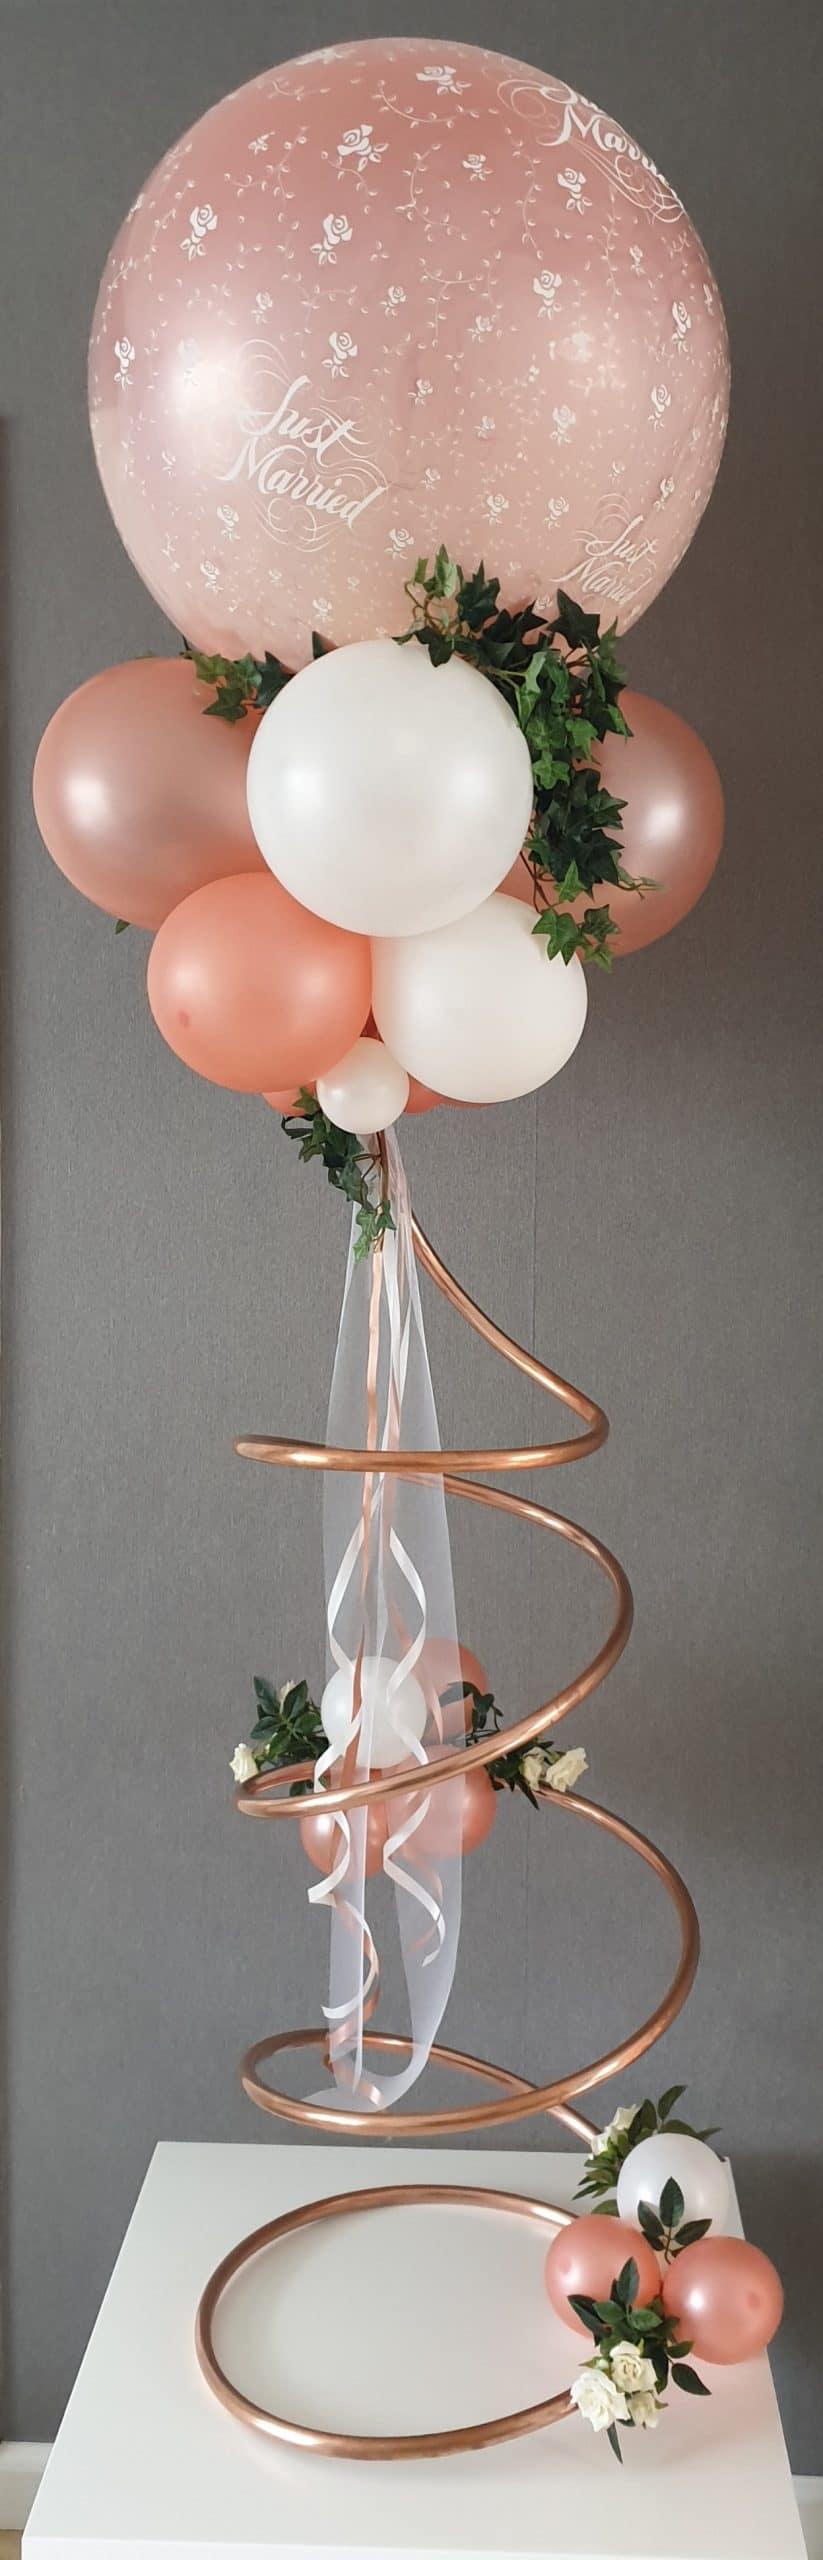 boondesigns ballondecoratie pilaar spiraal